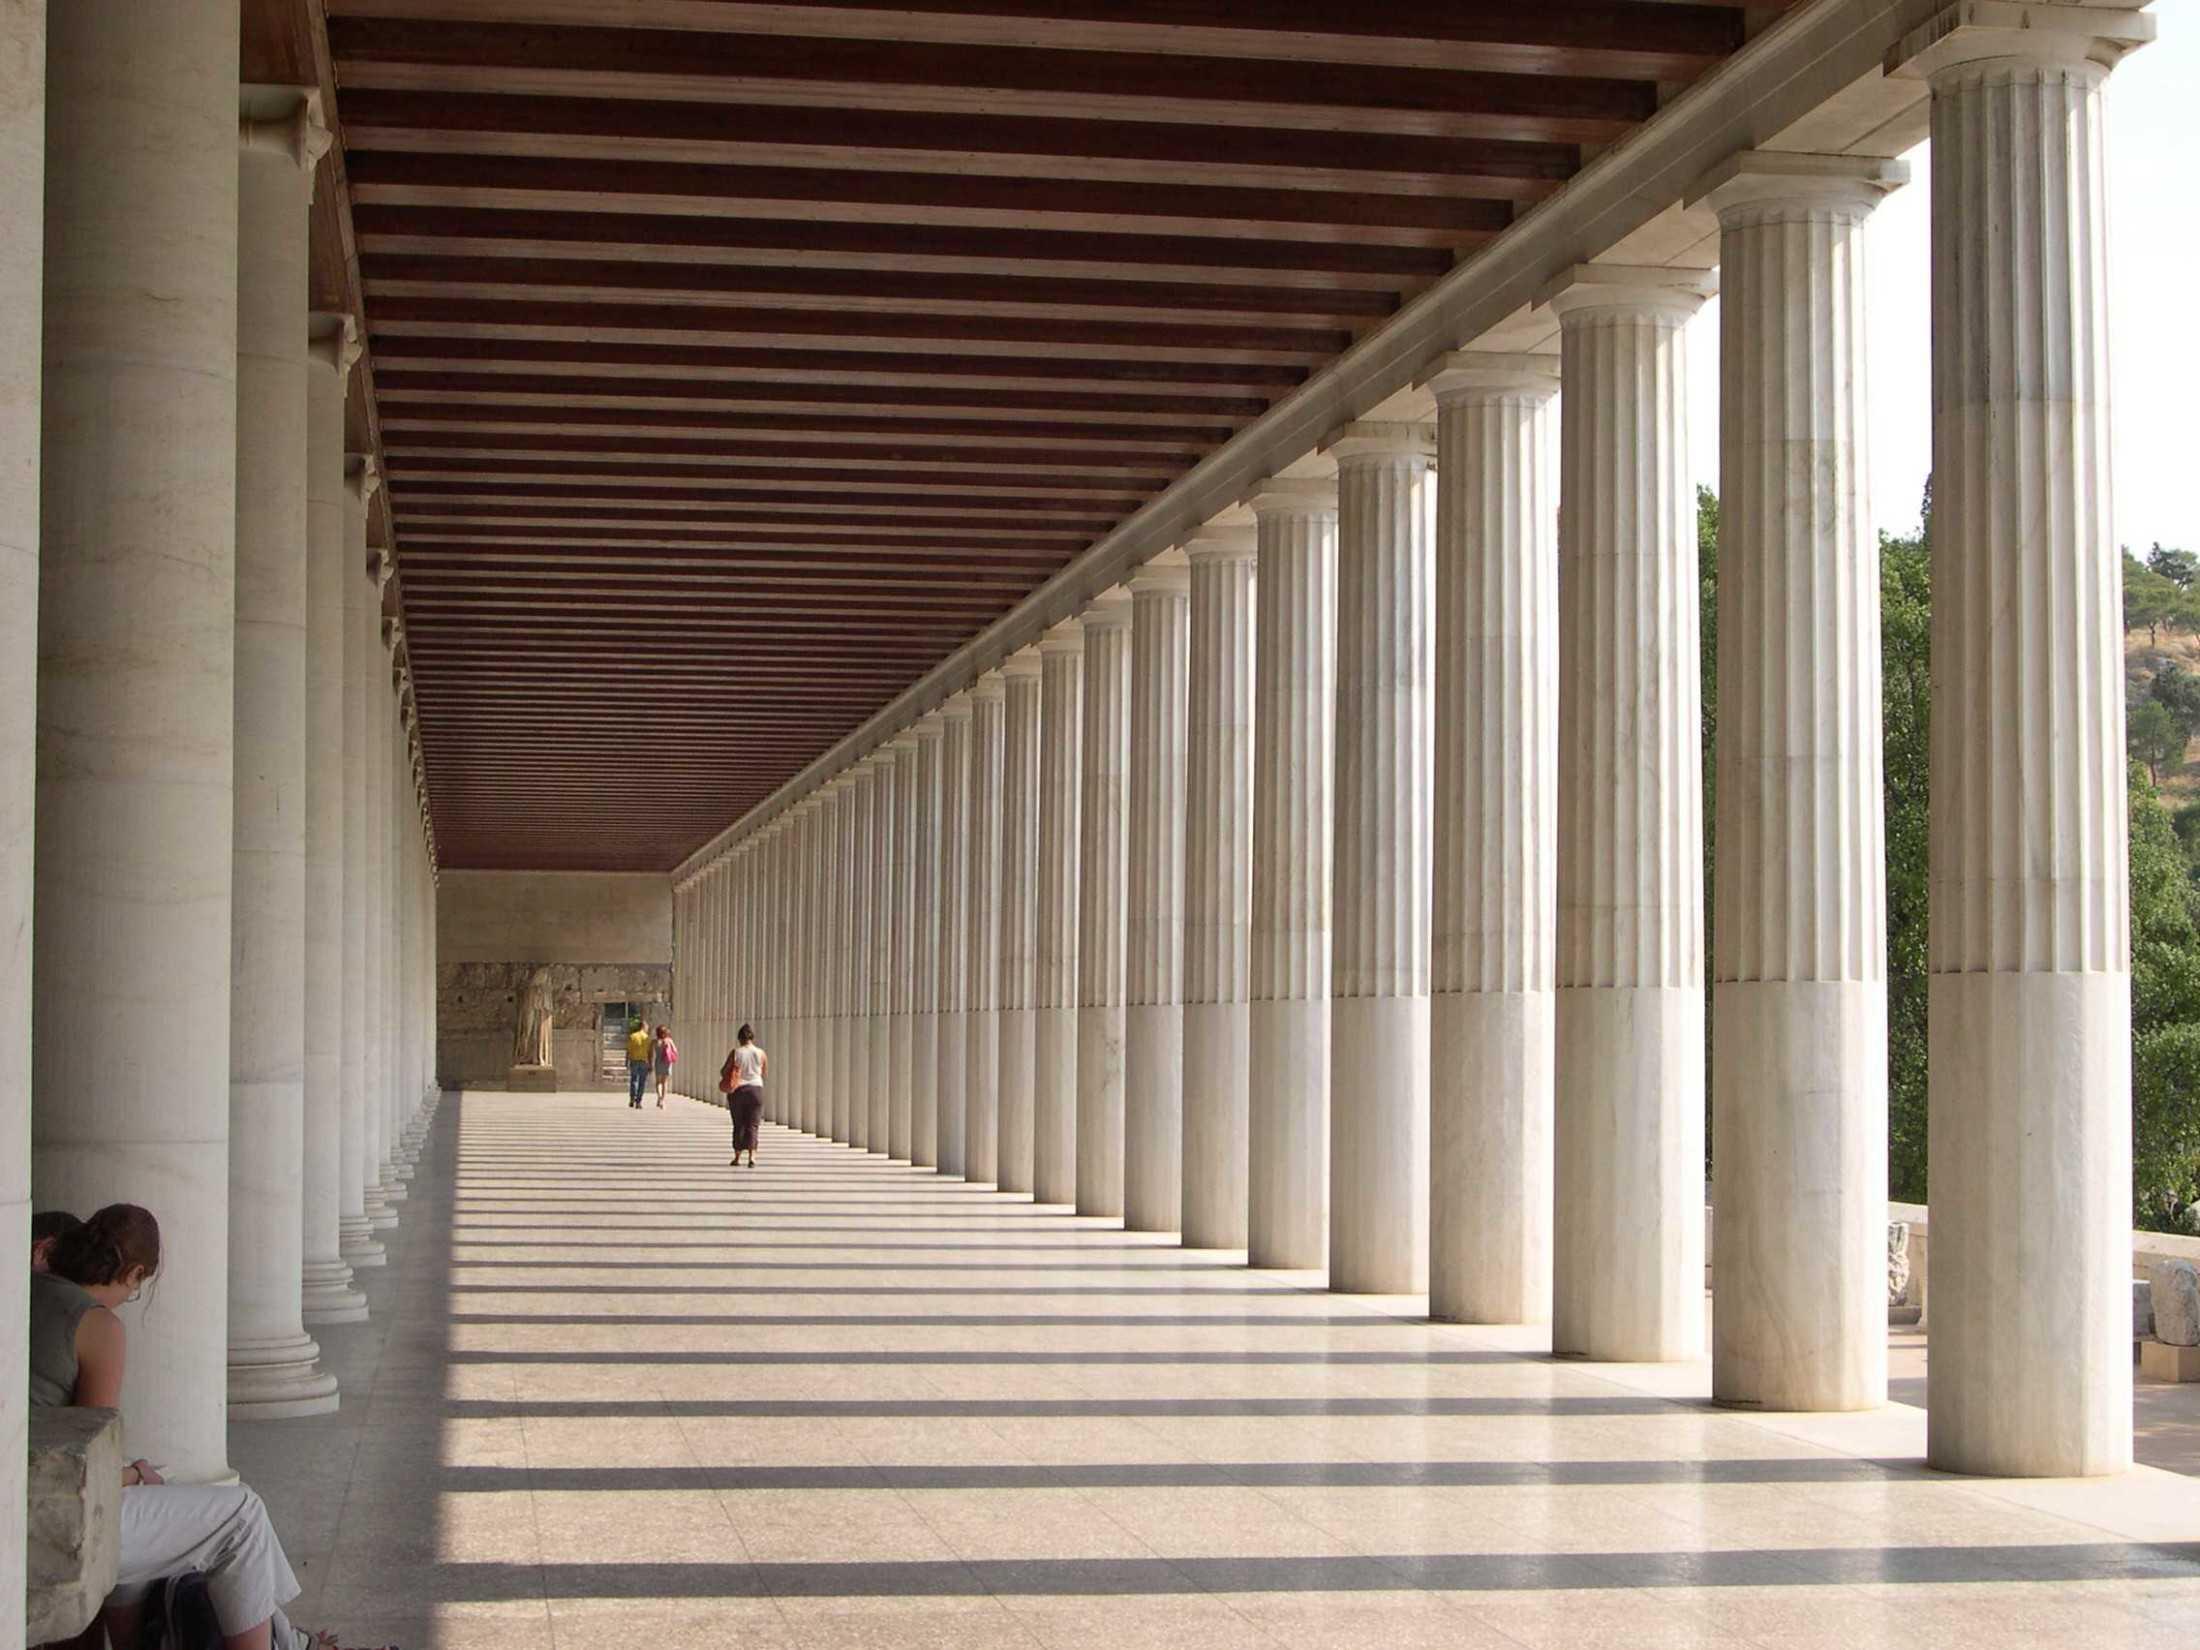 Stoa of Attalos di di Athena (Sumber: aretestock.deviantart.com)